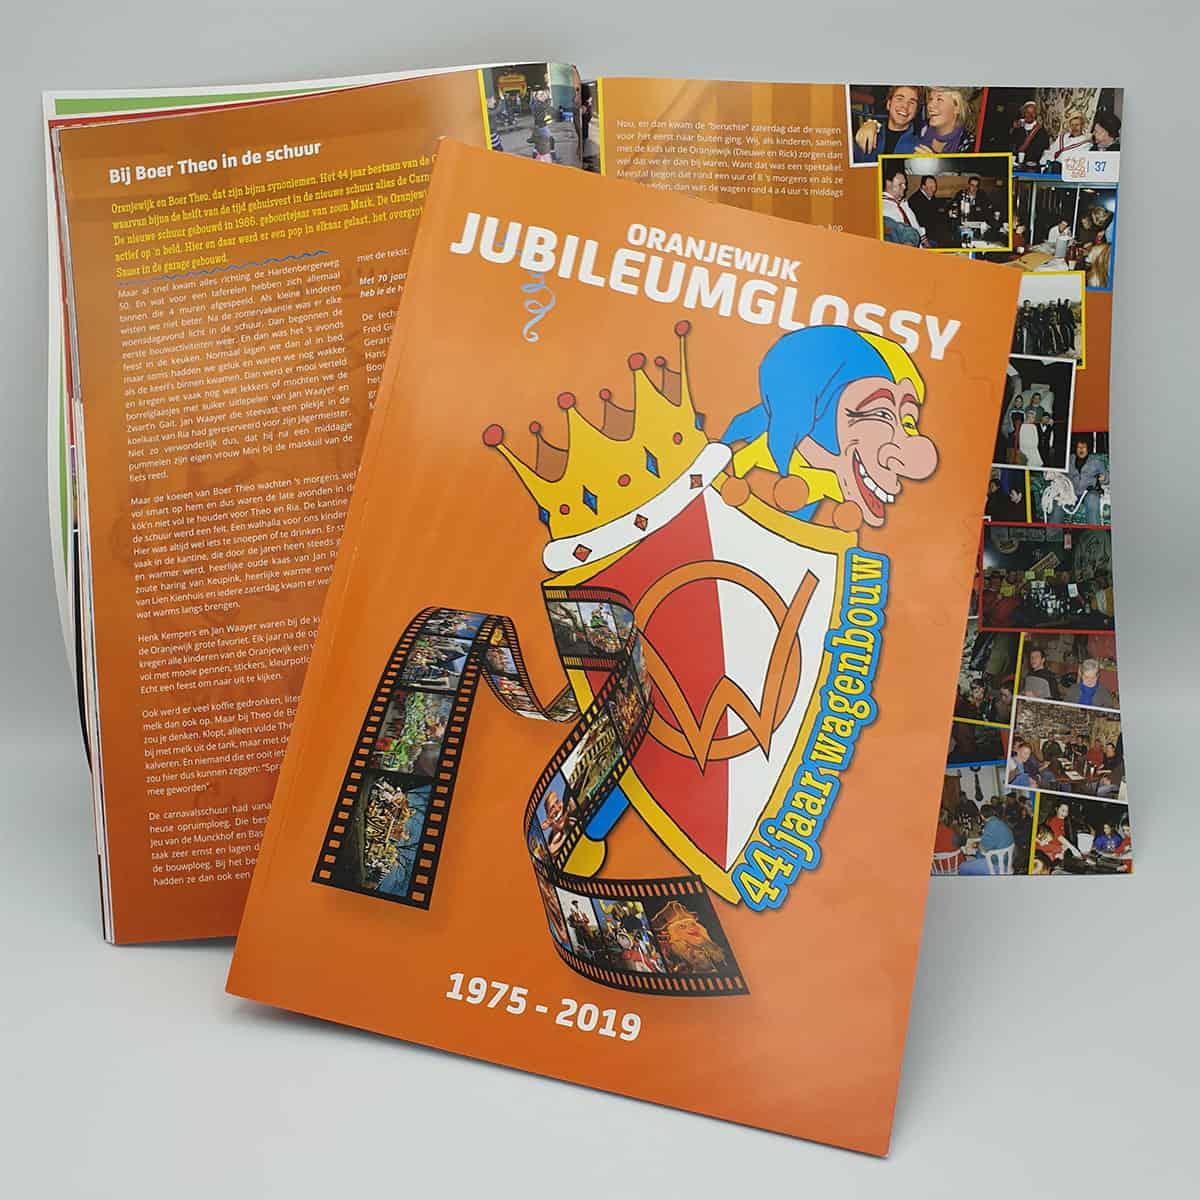 Oranjewijk-Tubbergen-Jubileumglossy-burobedenkt